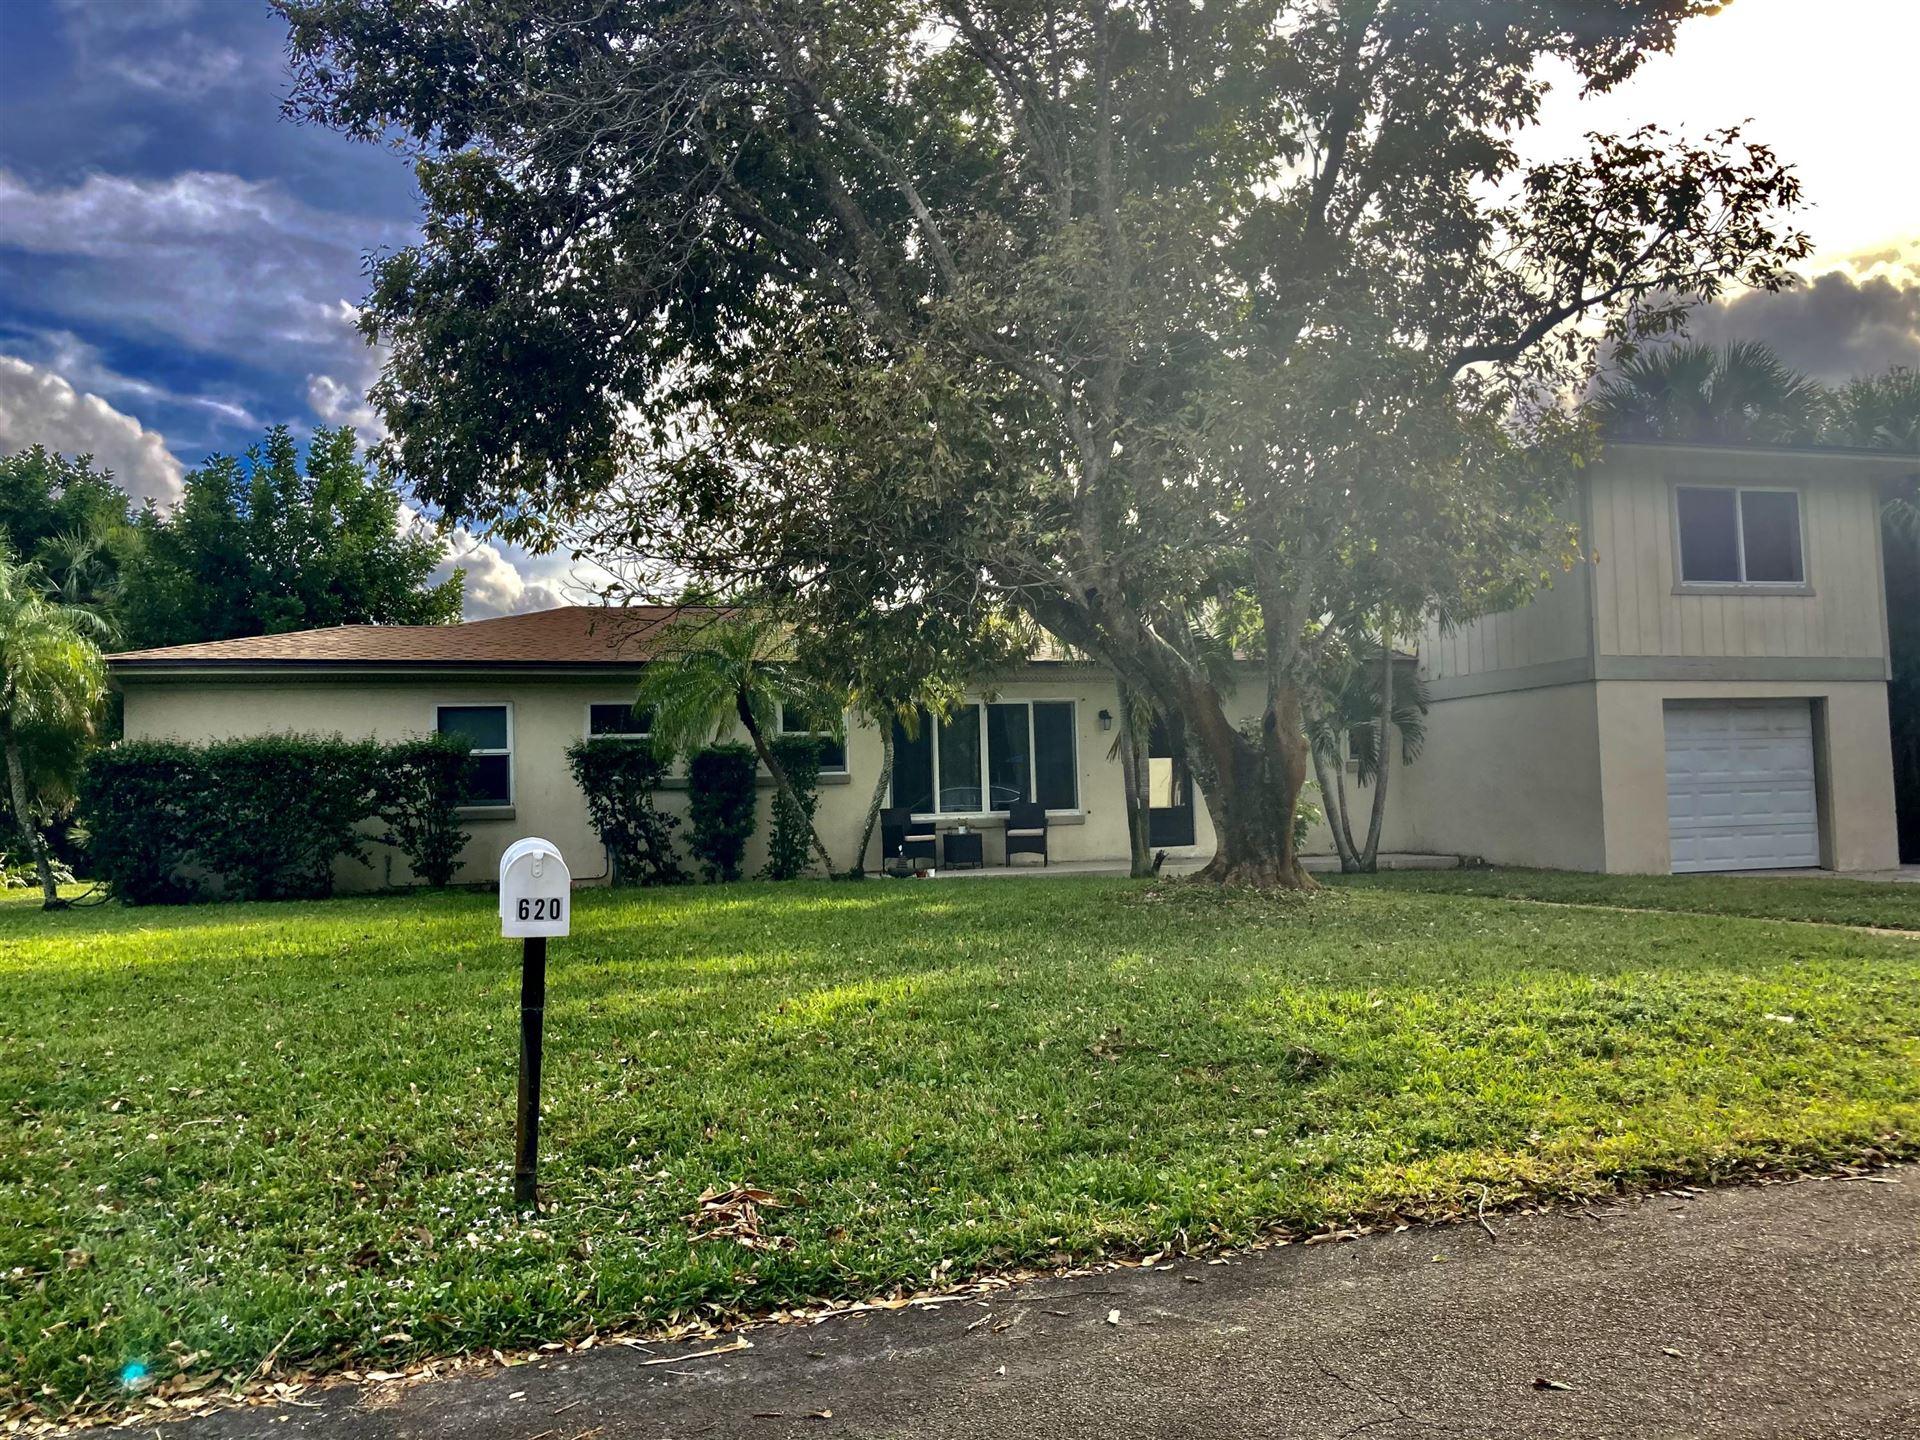 620 SE 5th Street SE, Stuart, FL 34994 - #: RX-10681615